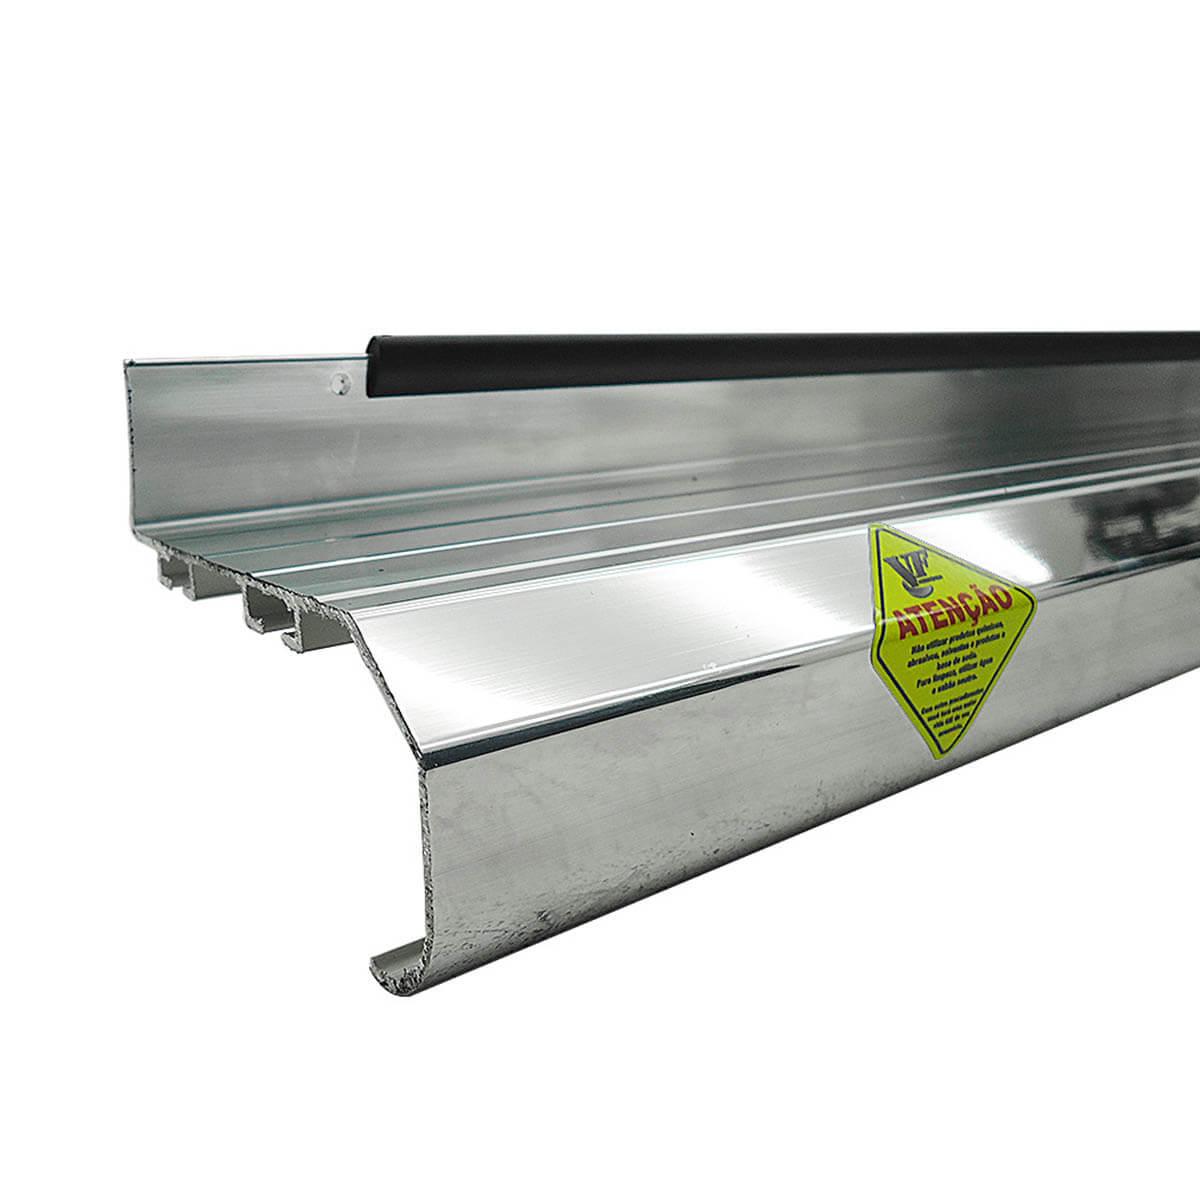 Estribo plataforma alumínio Hilux cabine dupla 2005 a 2015